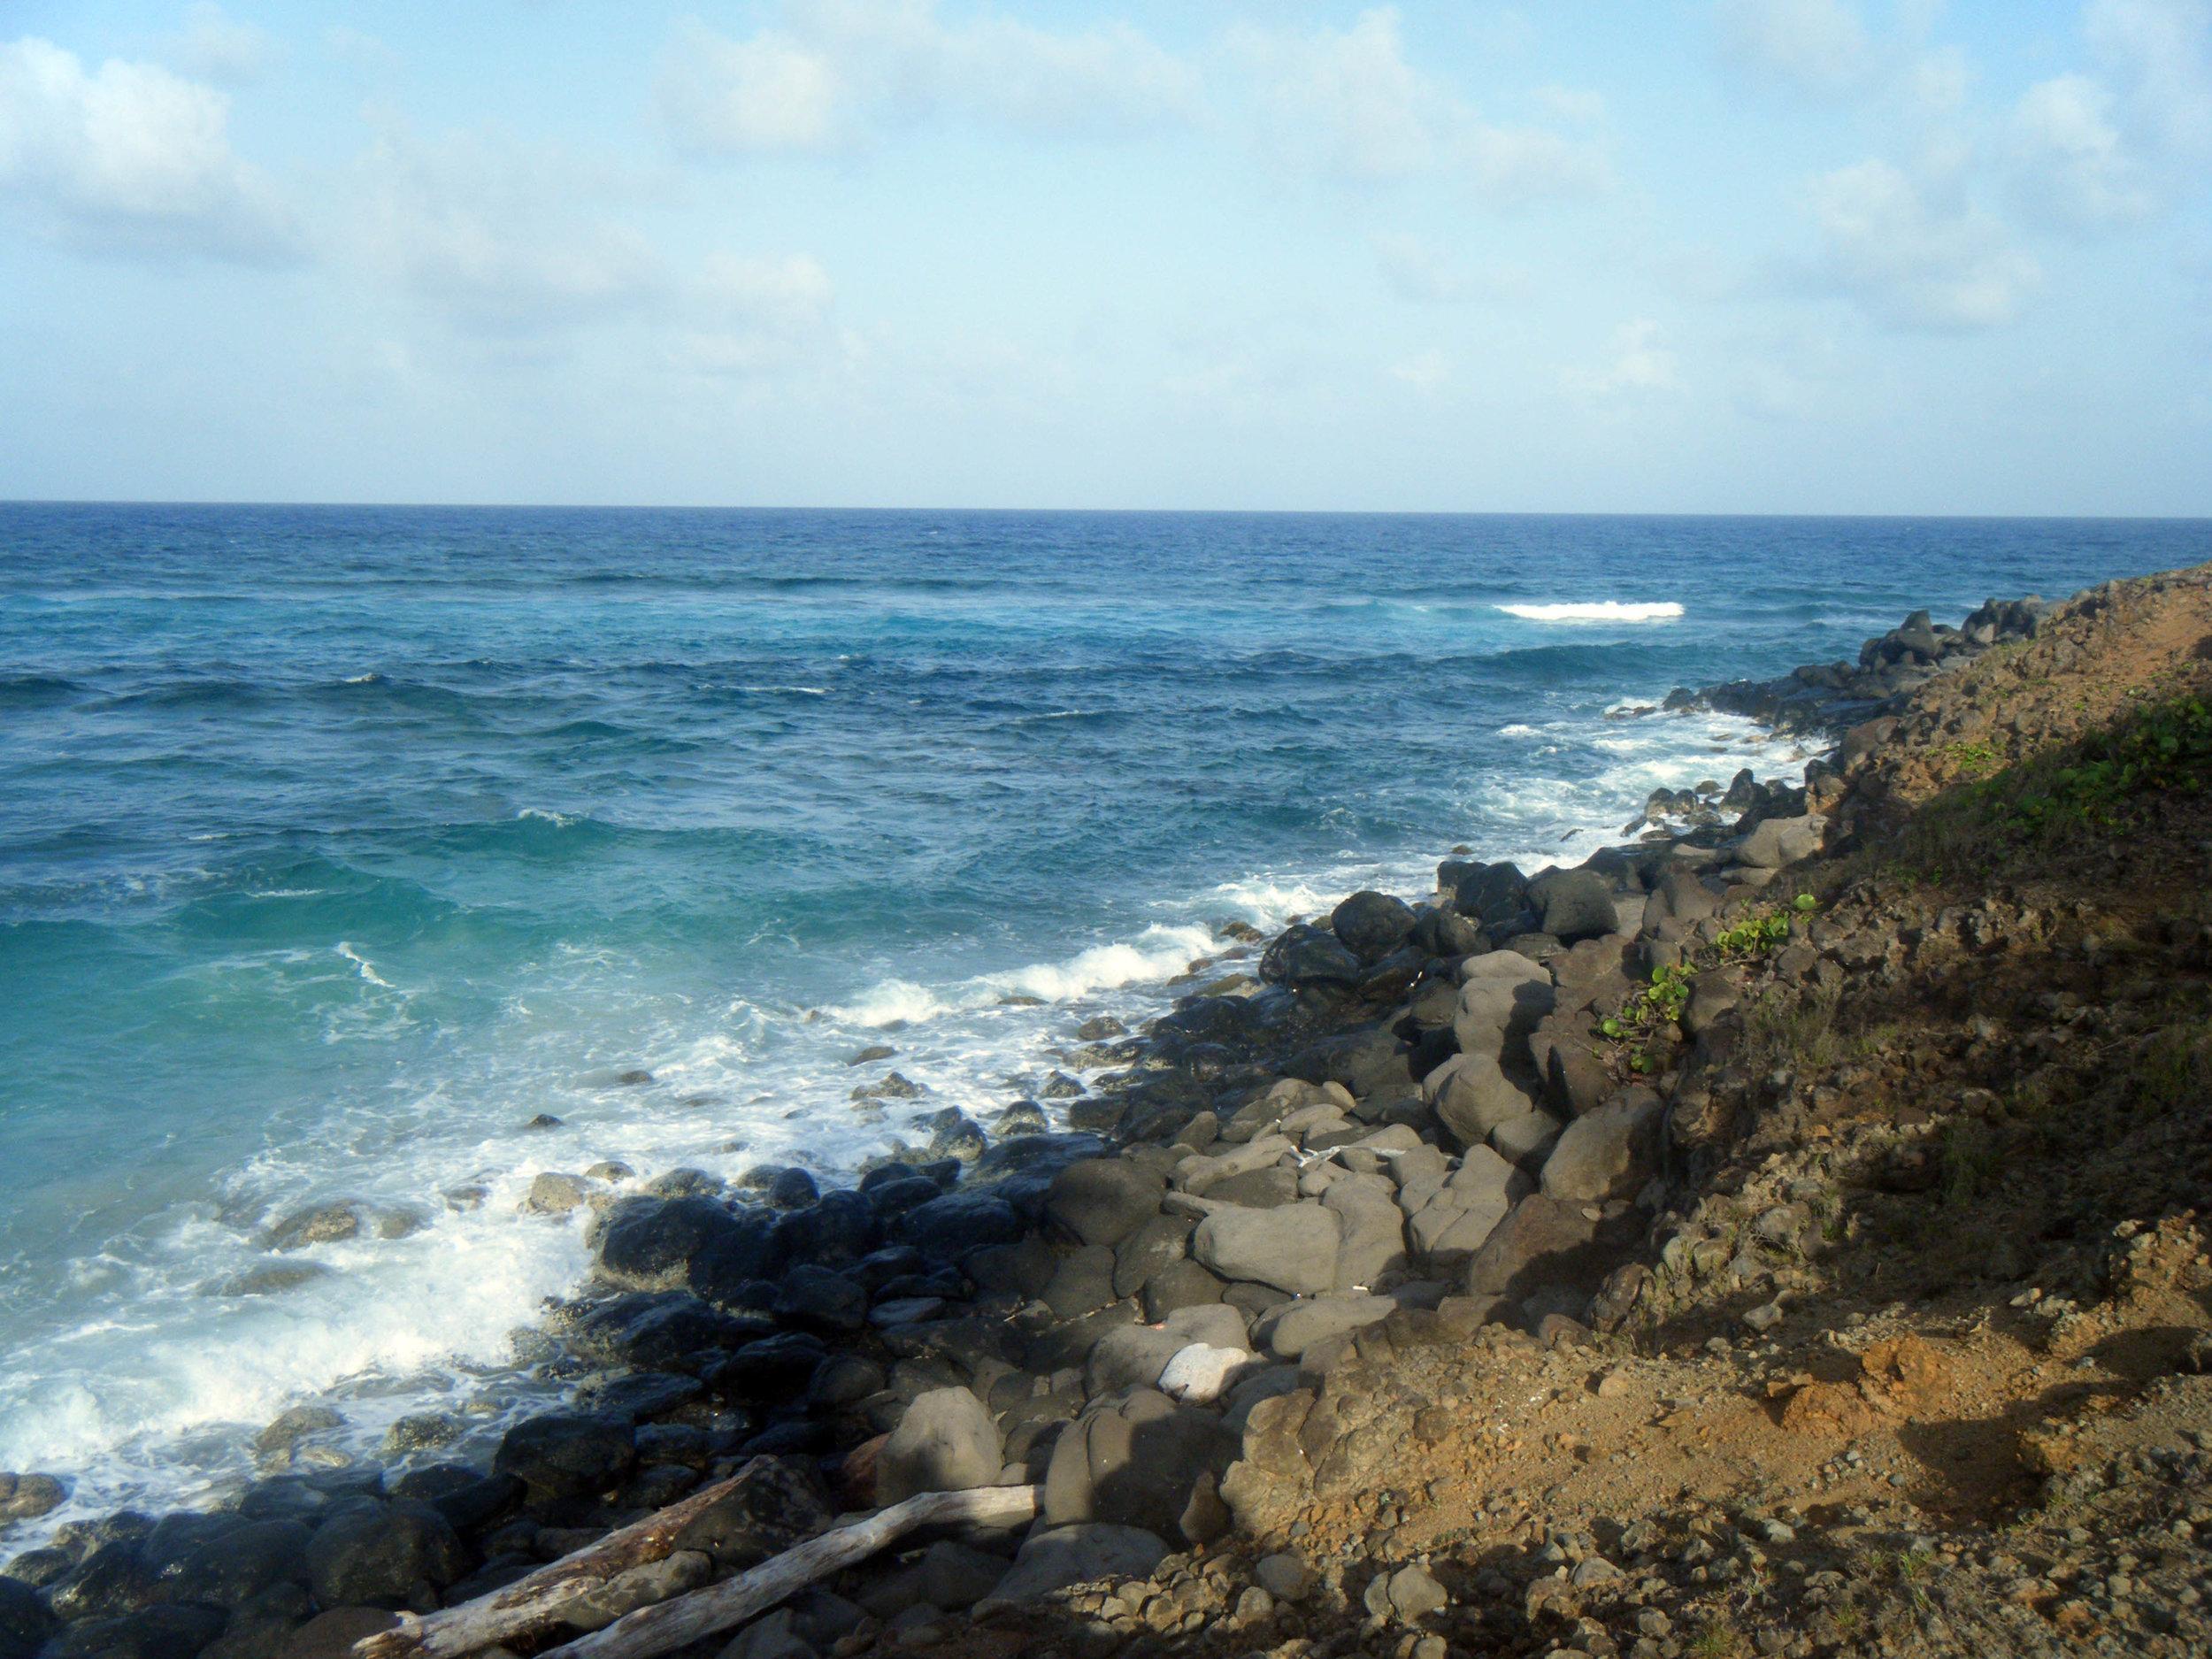 LCI beach 5-17-12.jpg